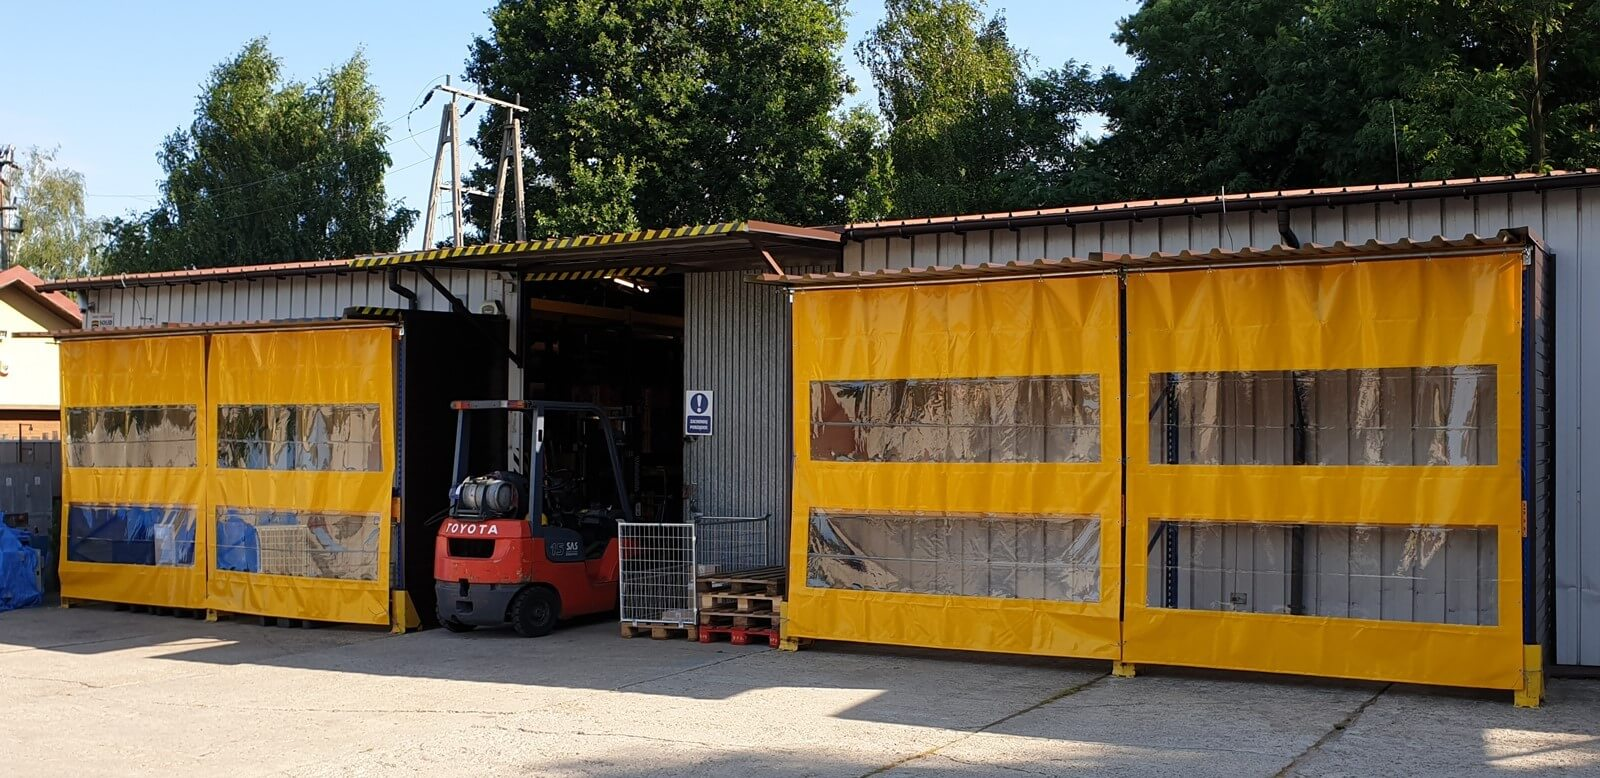 Kurtyny plandekowe w kolorze żółtym, z oknami, są zwieszone przy wiacie, jako zasłona dla regałów magazynowych